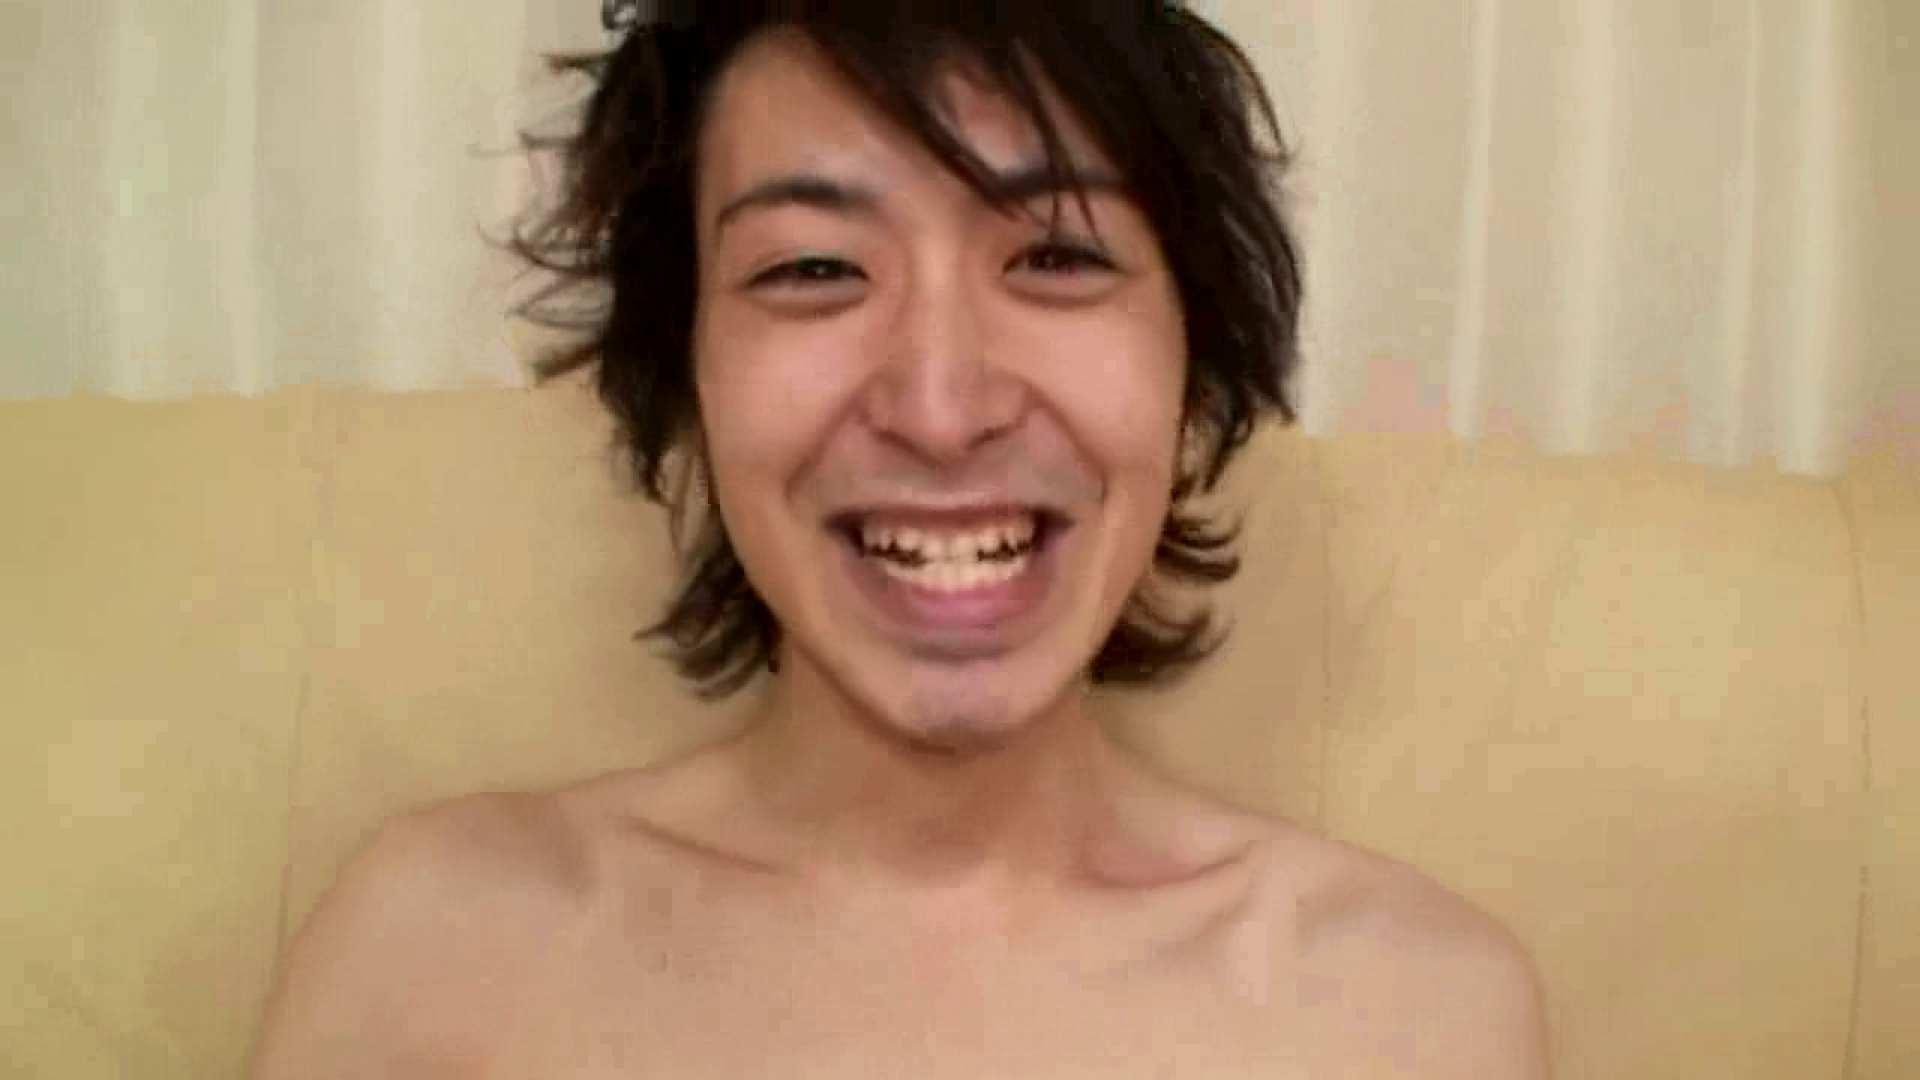 ノンケ!自慰スタジオ No.21 イケメンズ ゲイ無修正画像 102枚 56